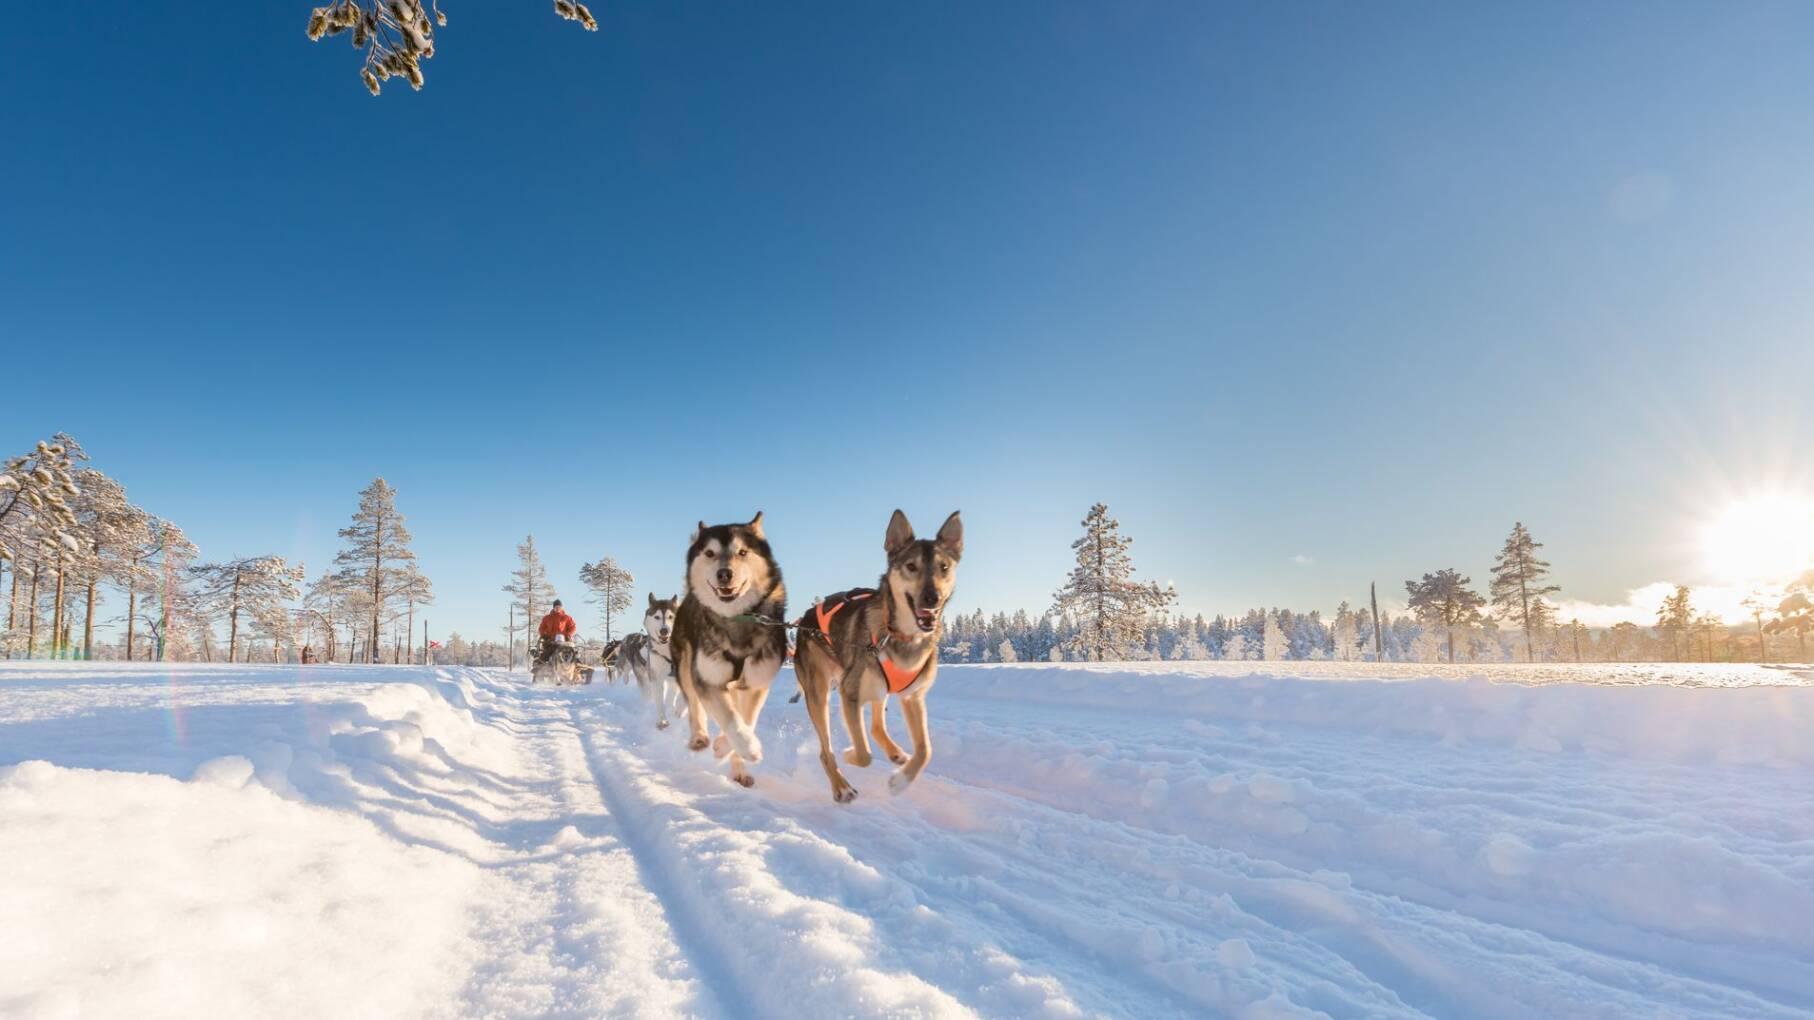 Winter Adventure Zweden - Zweden - 1